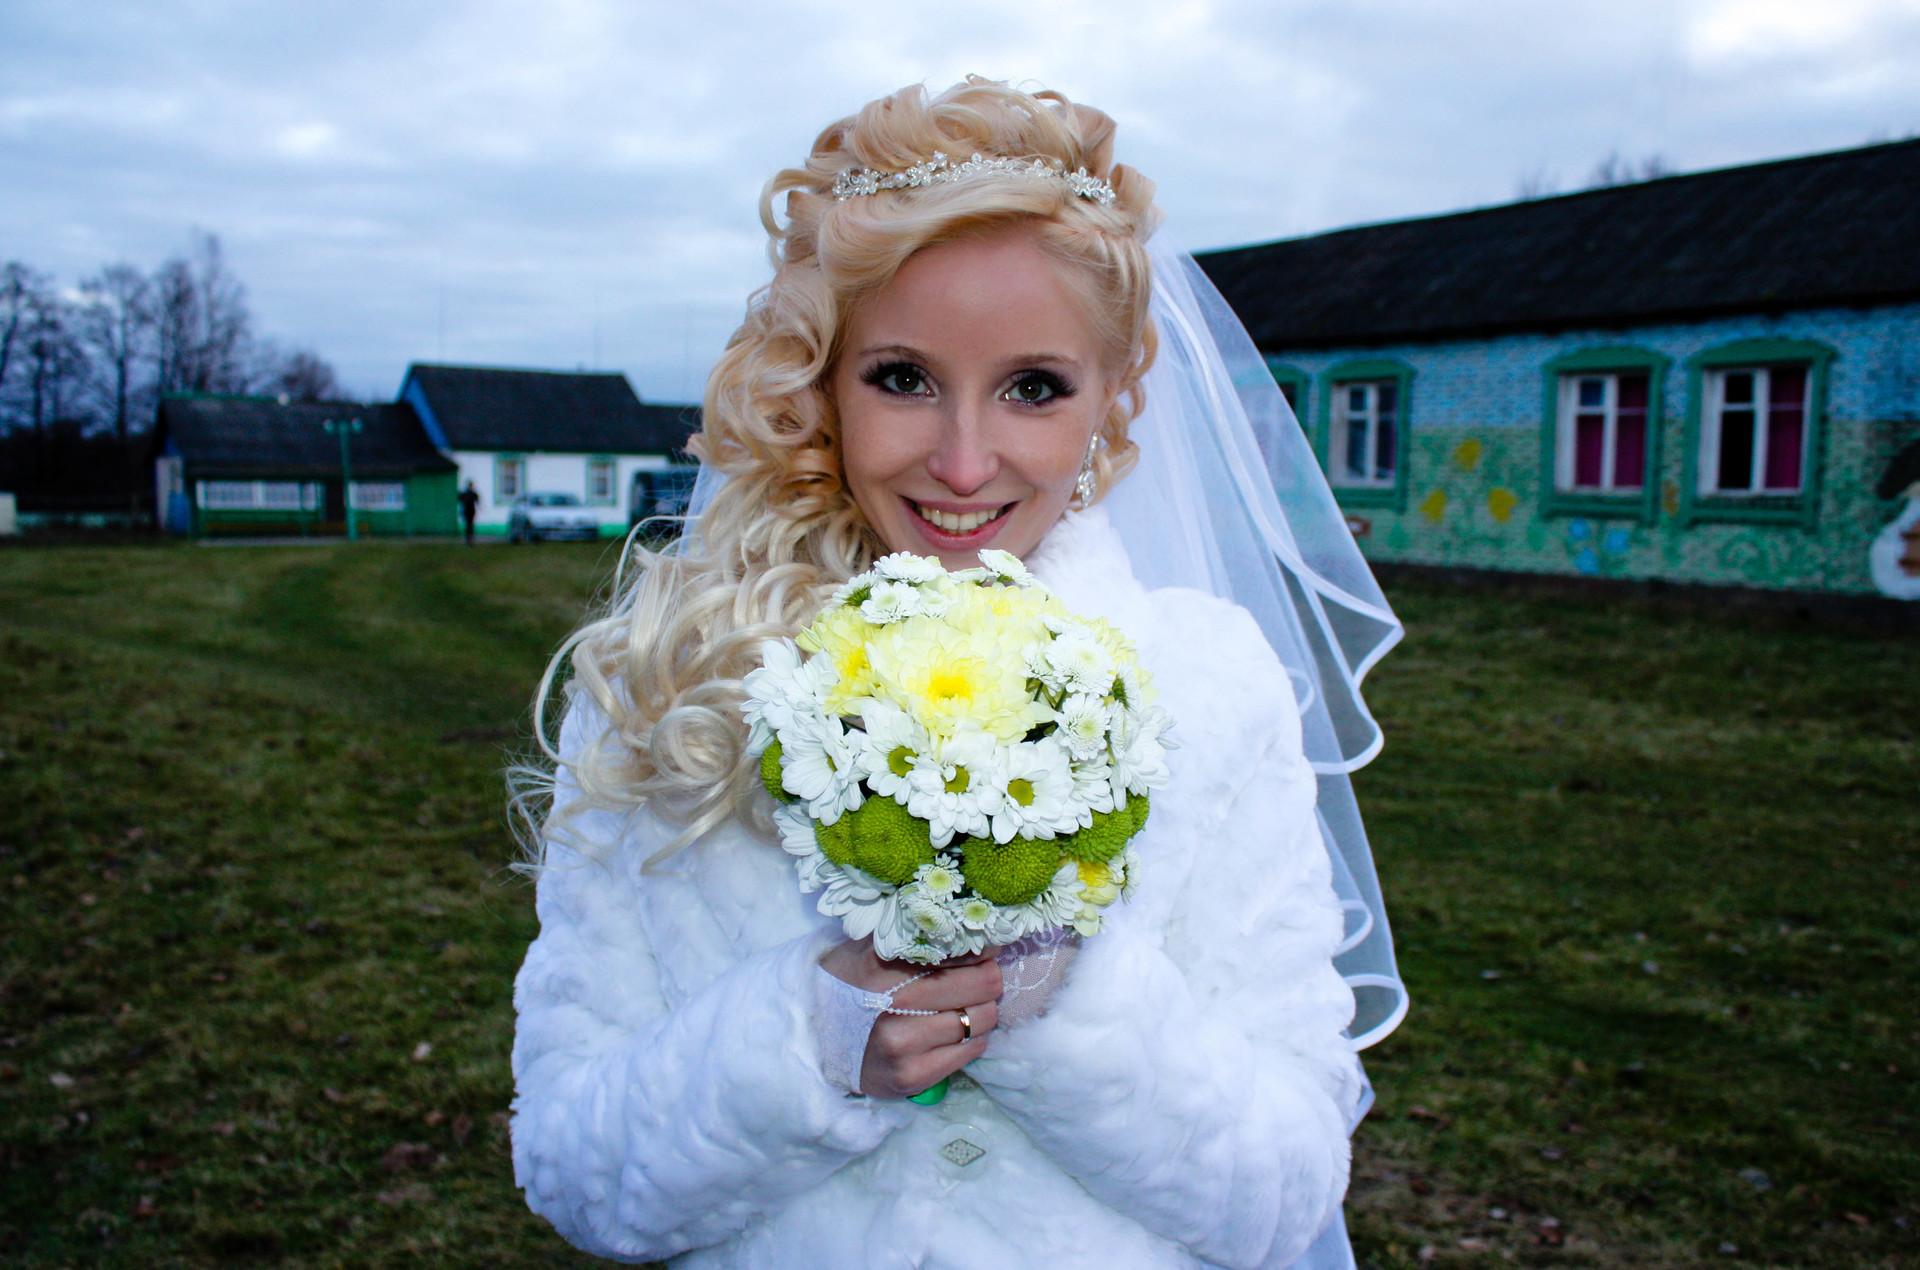 Самая красивая деревенская девушка 20 фотография